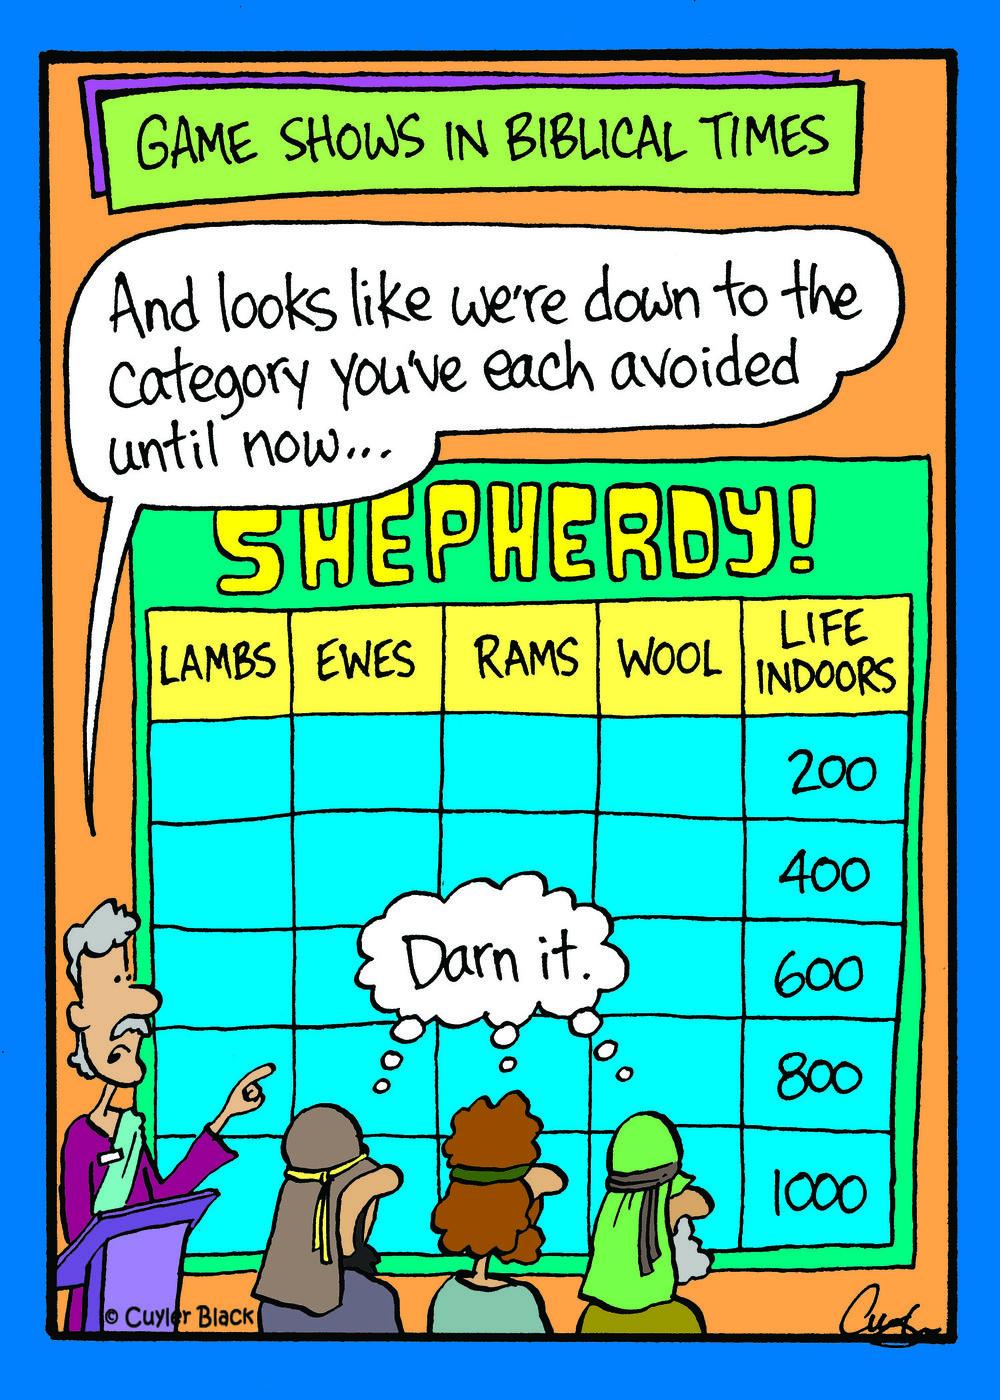 Shepherdy.jpg